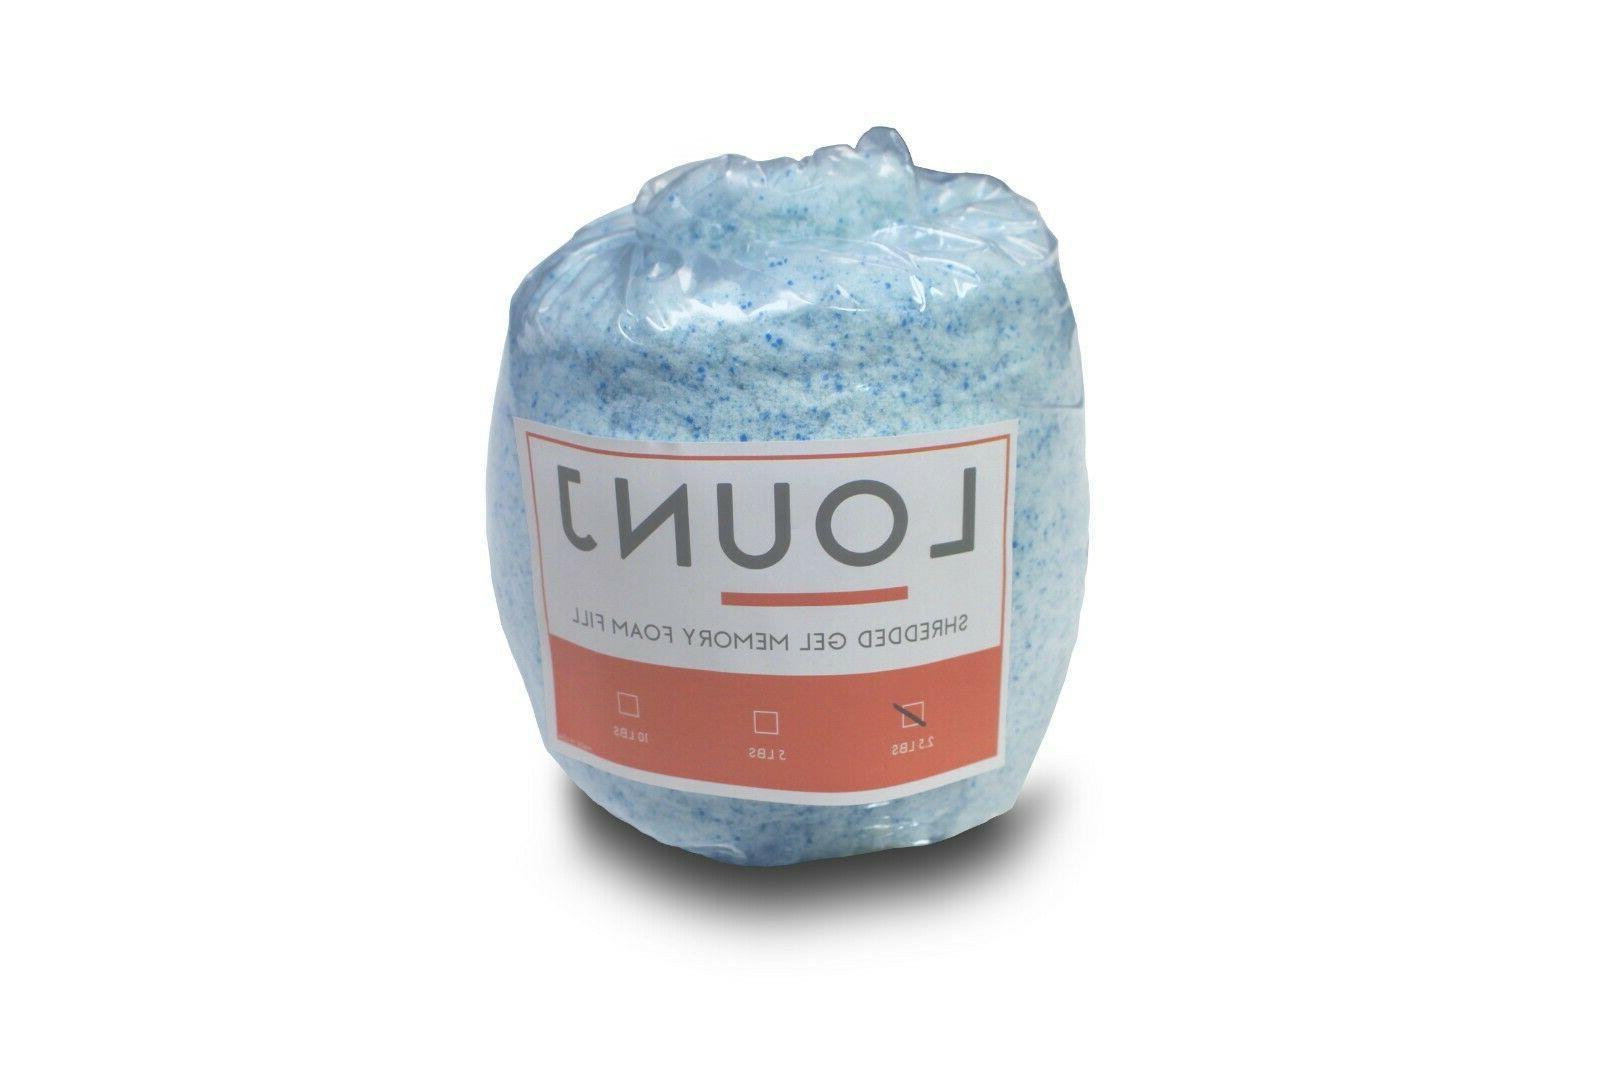 shredded gel memory foam fill cushions crafts